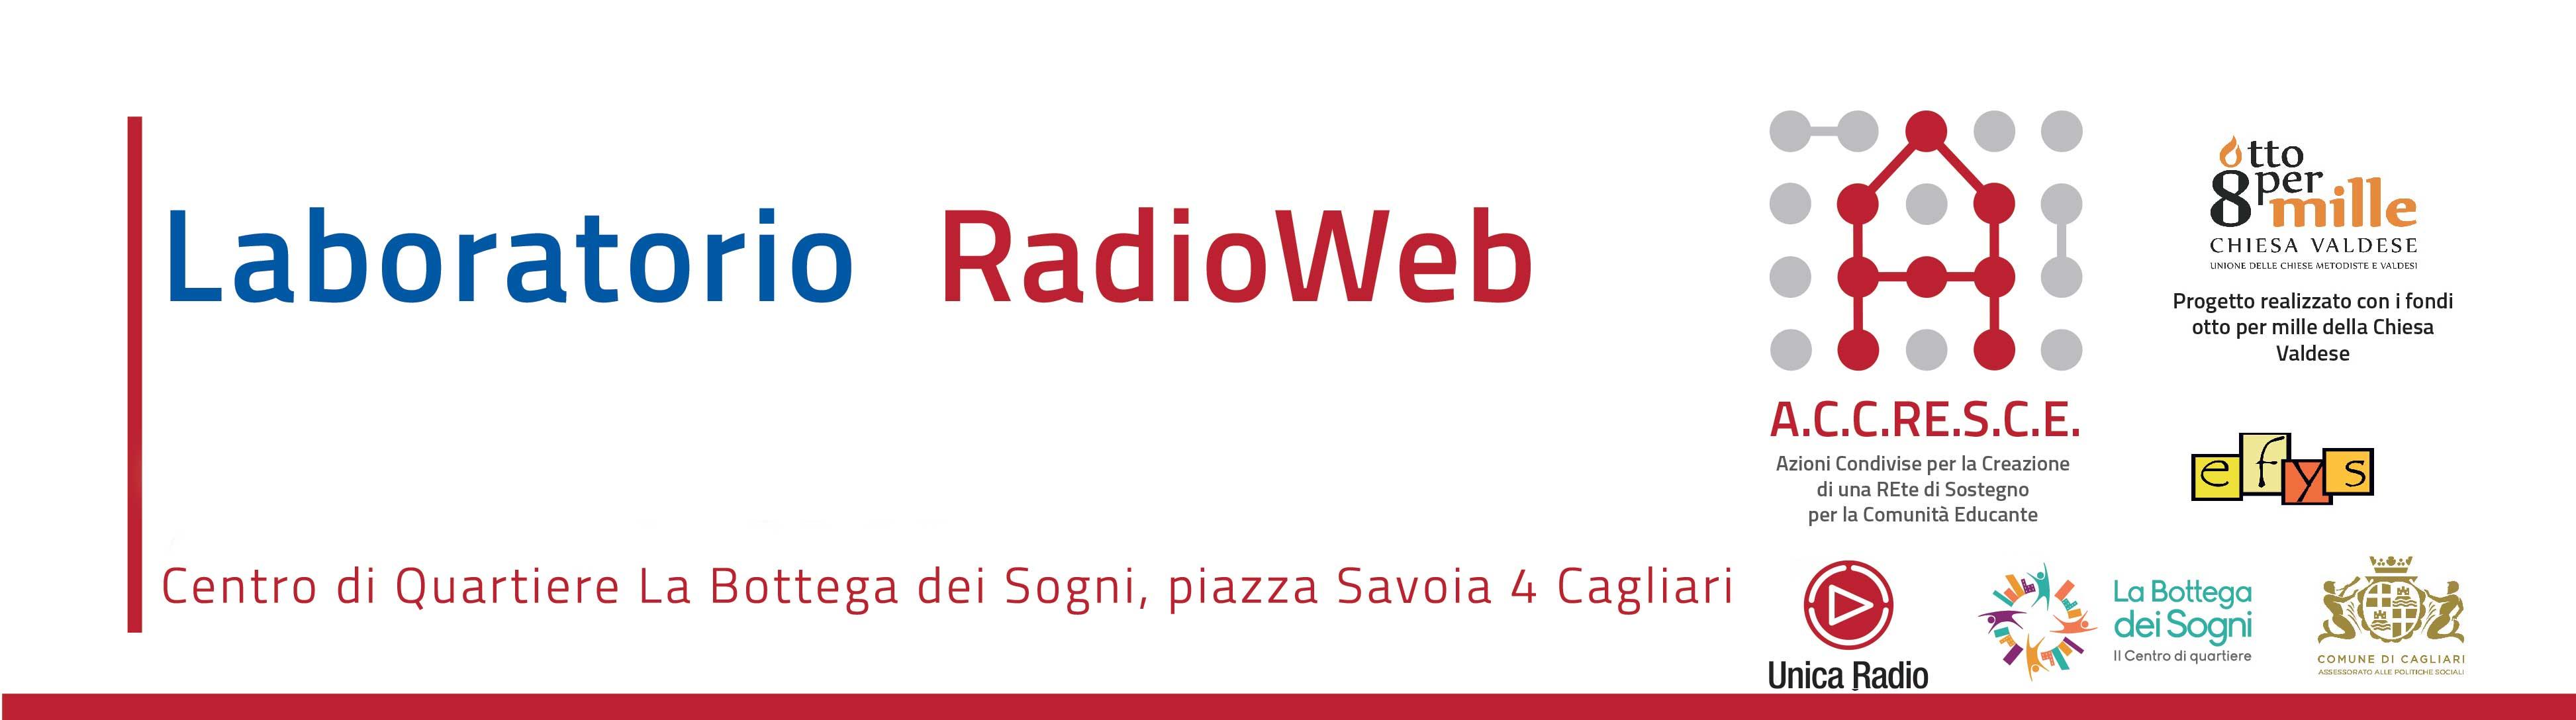 Radio web /Progetto ACCRESCE